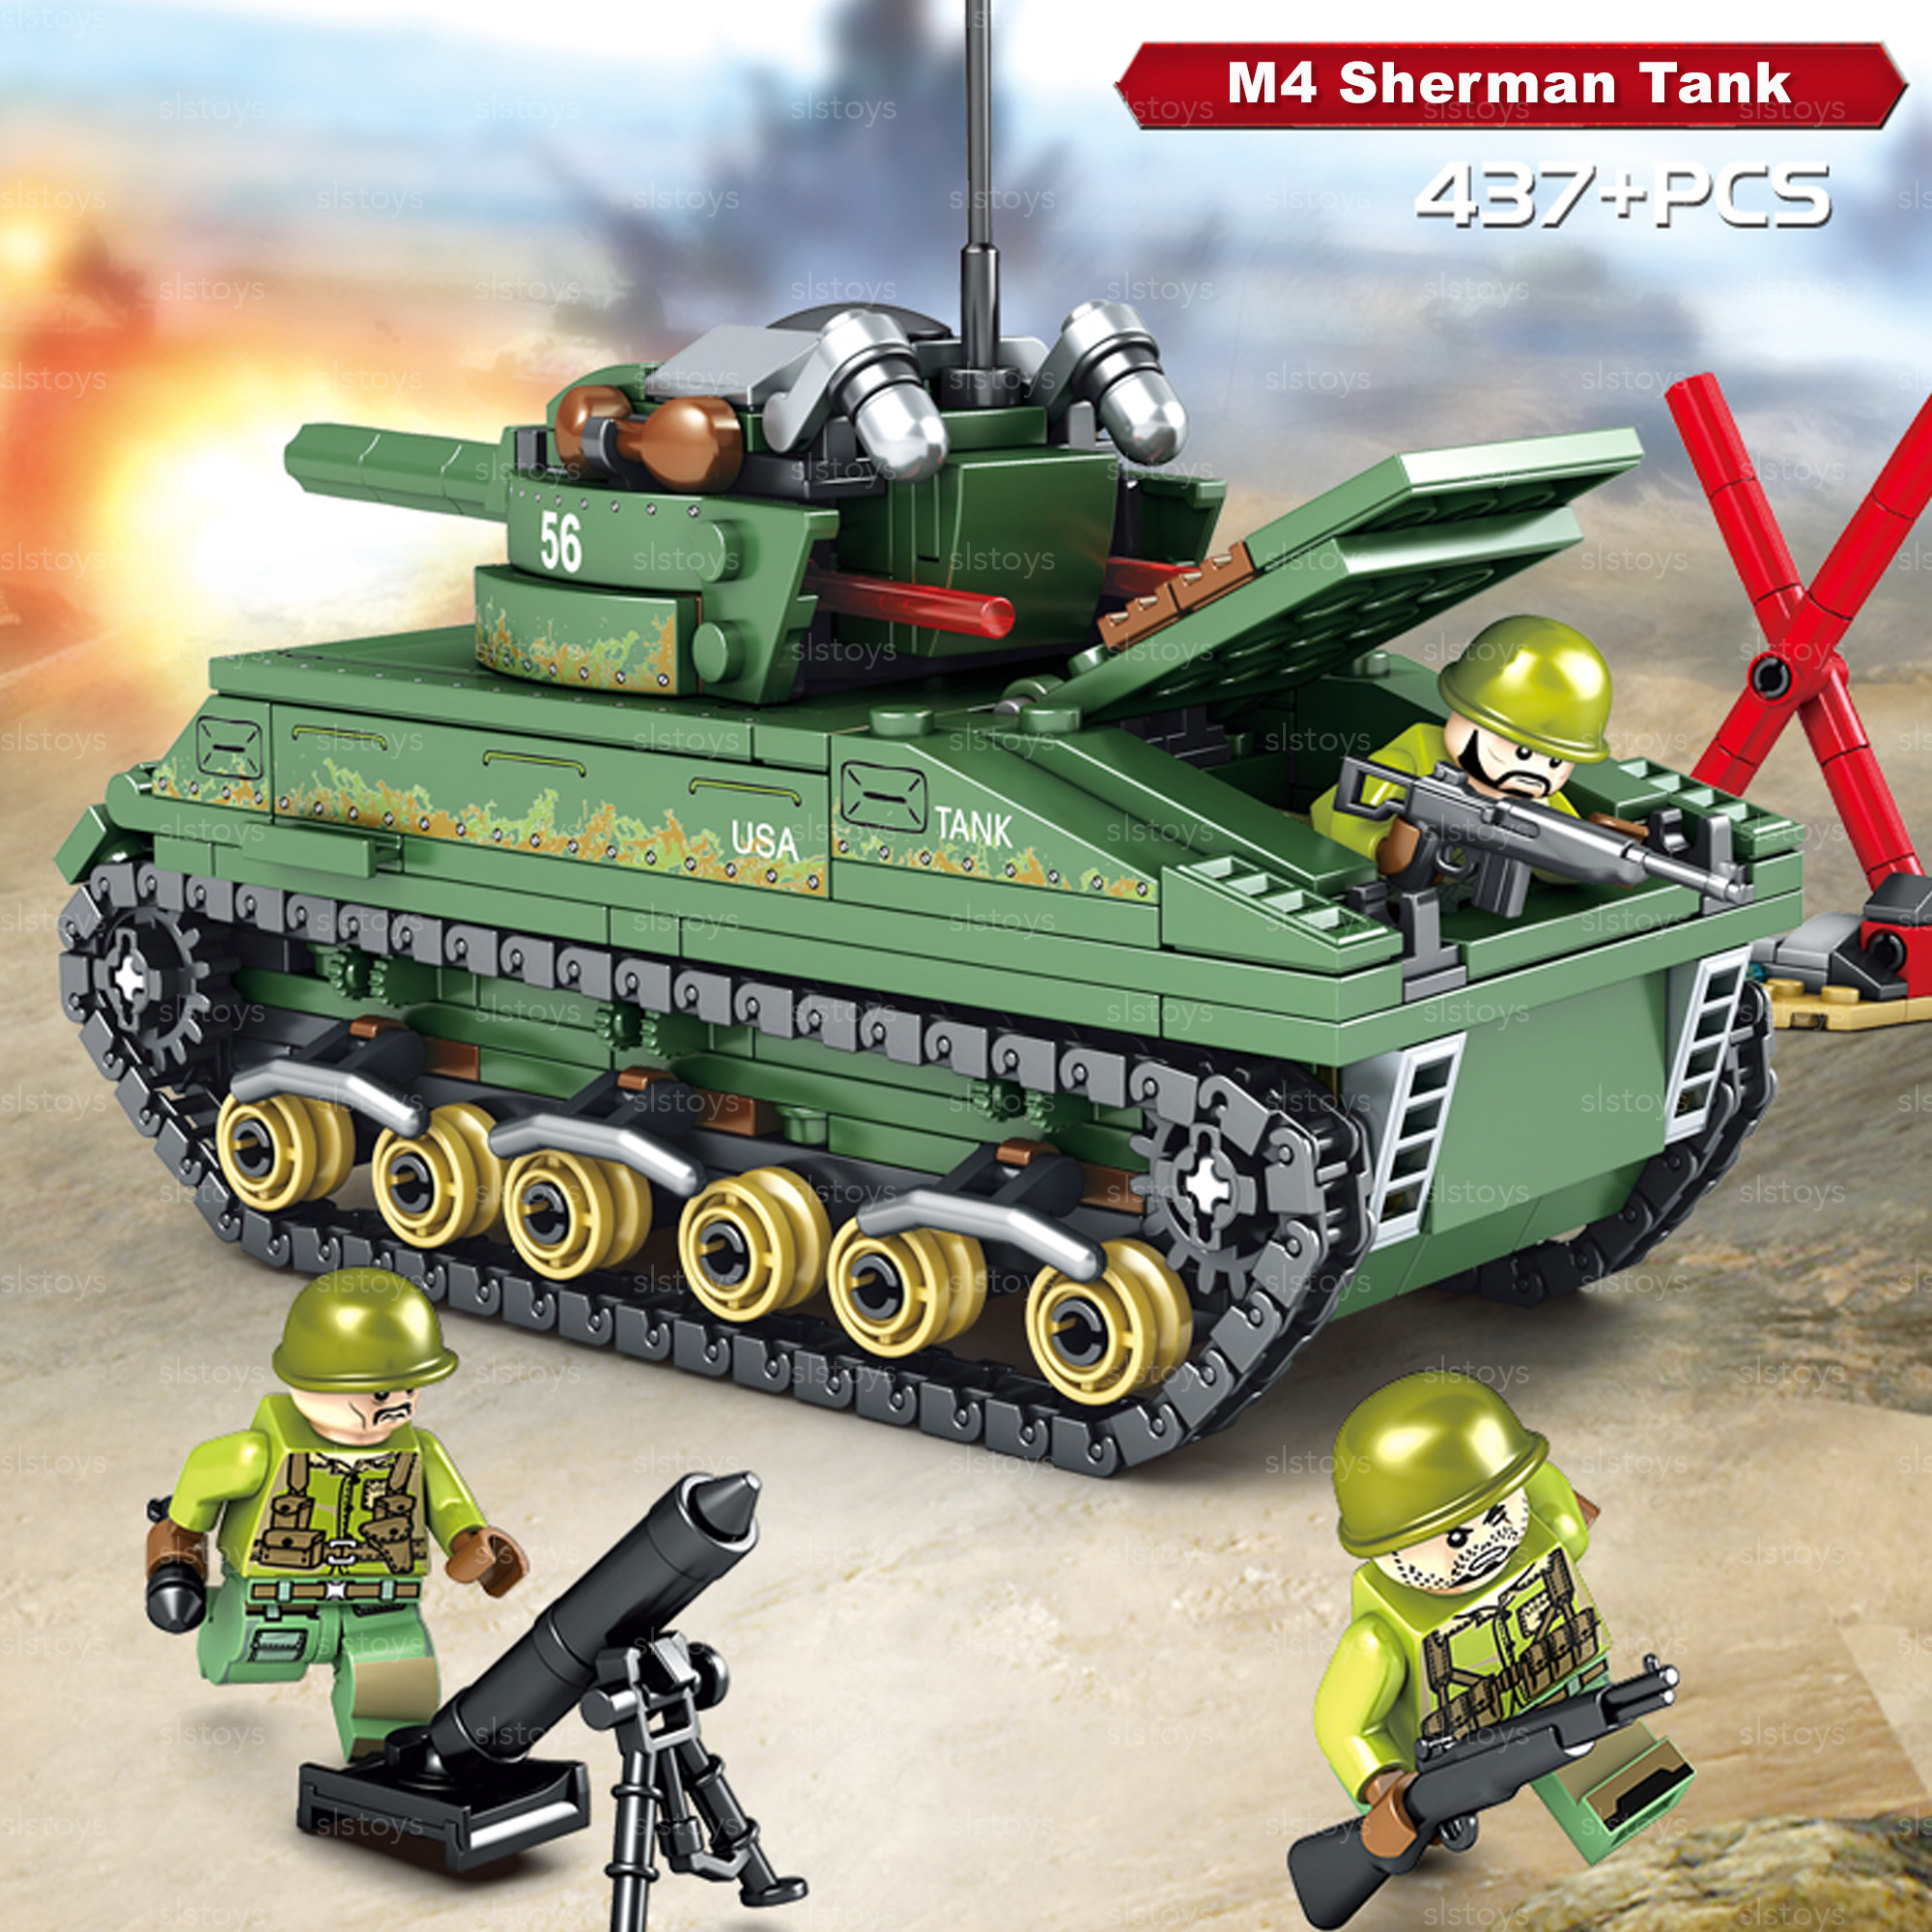 Sembo Empires of Steel No 101304 M4 Sherman Tank Model